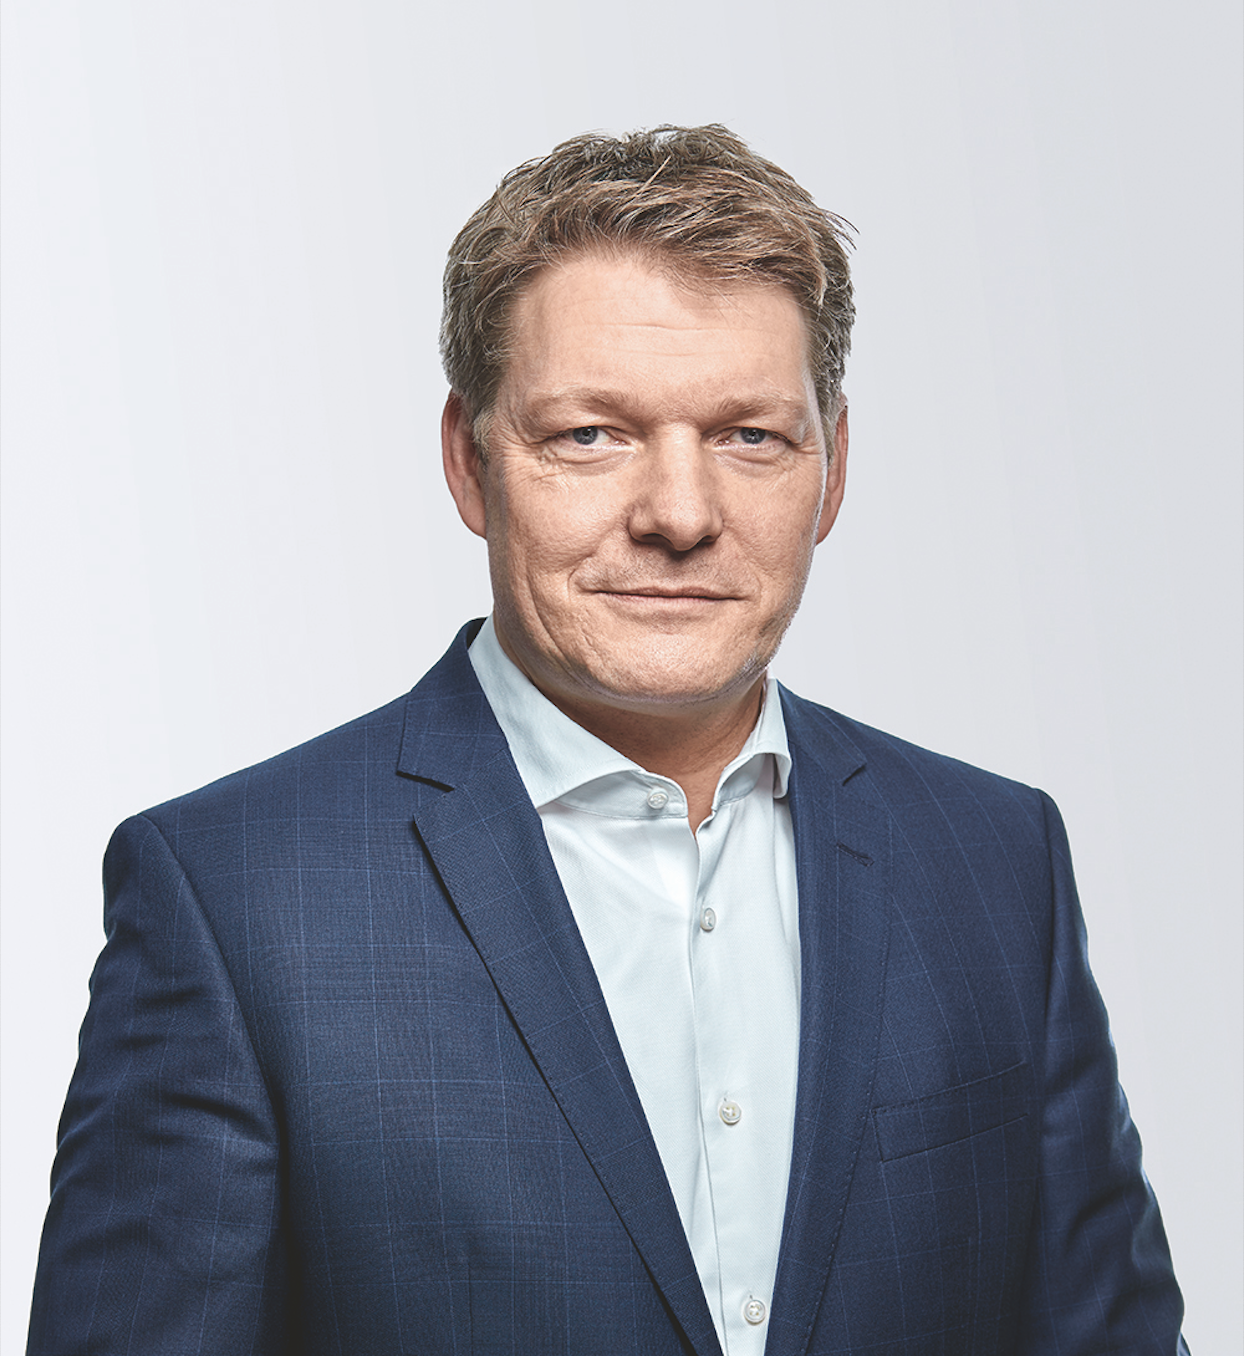 Stefan Roesler